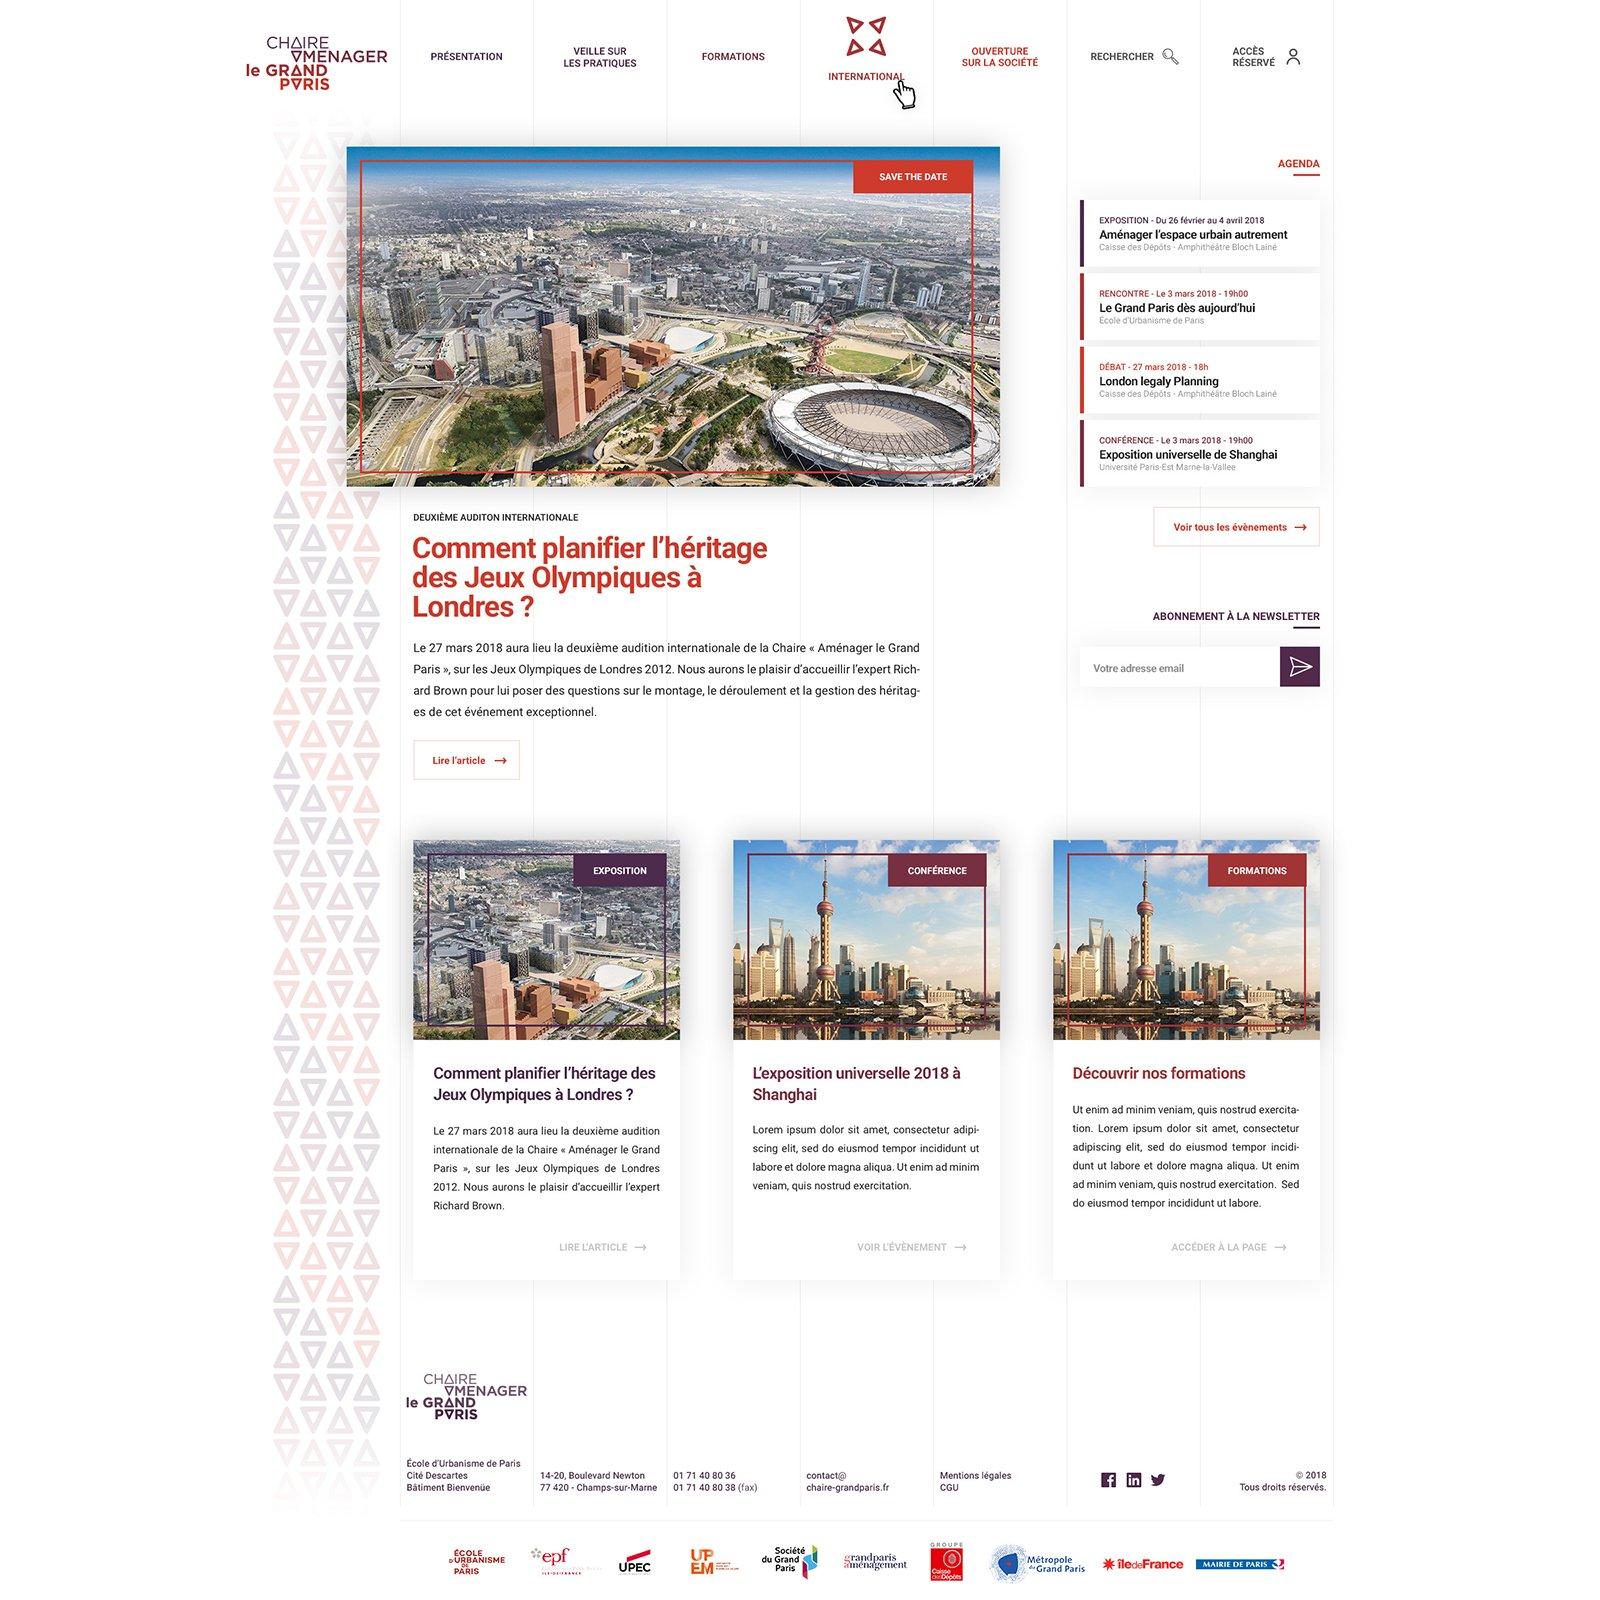 Capture du site internet Chaire Aménager le Grand Paris